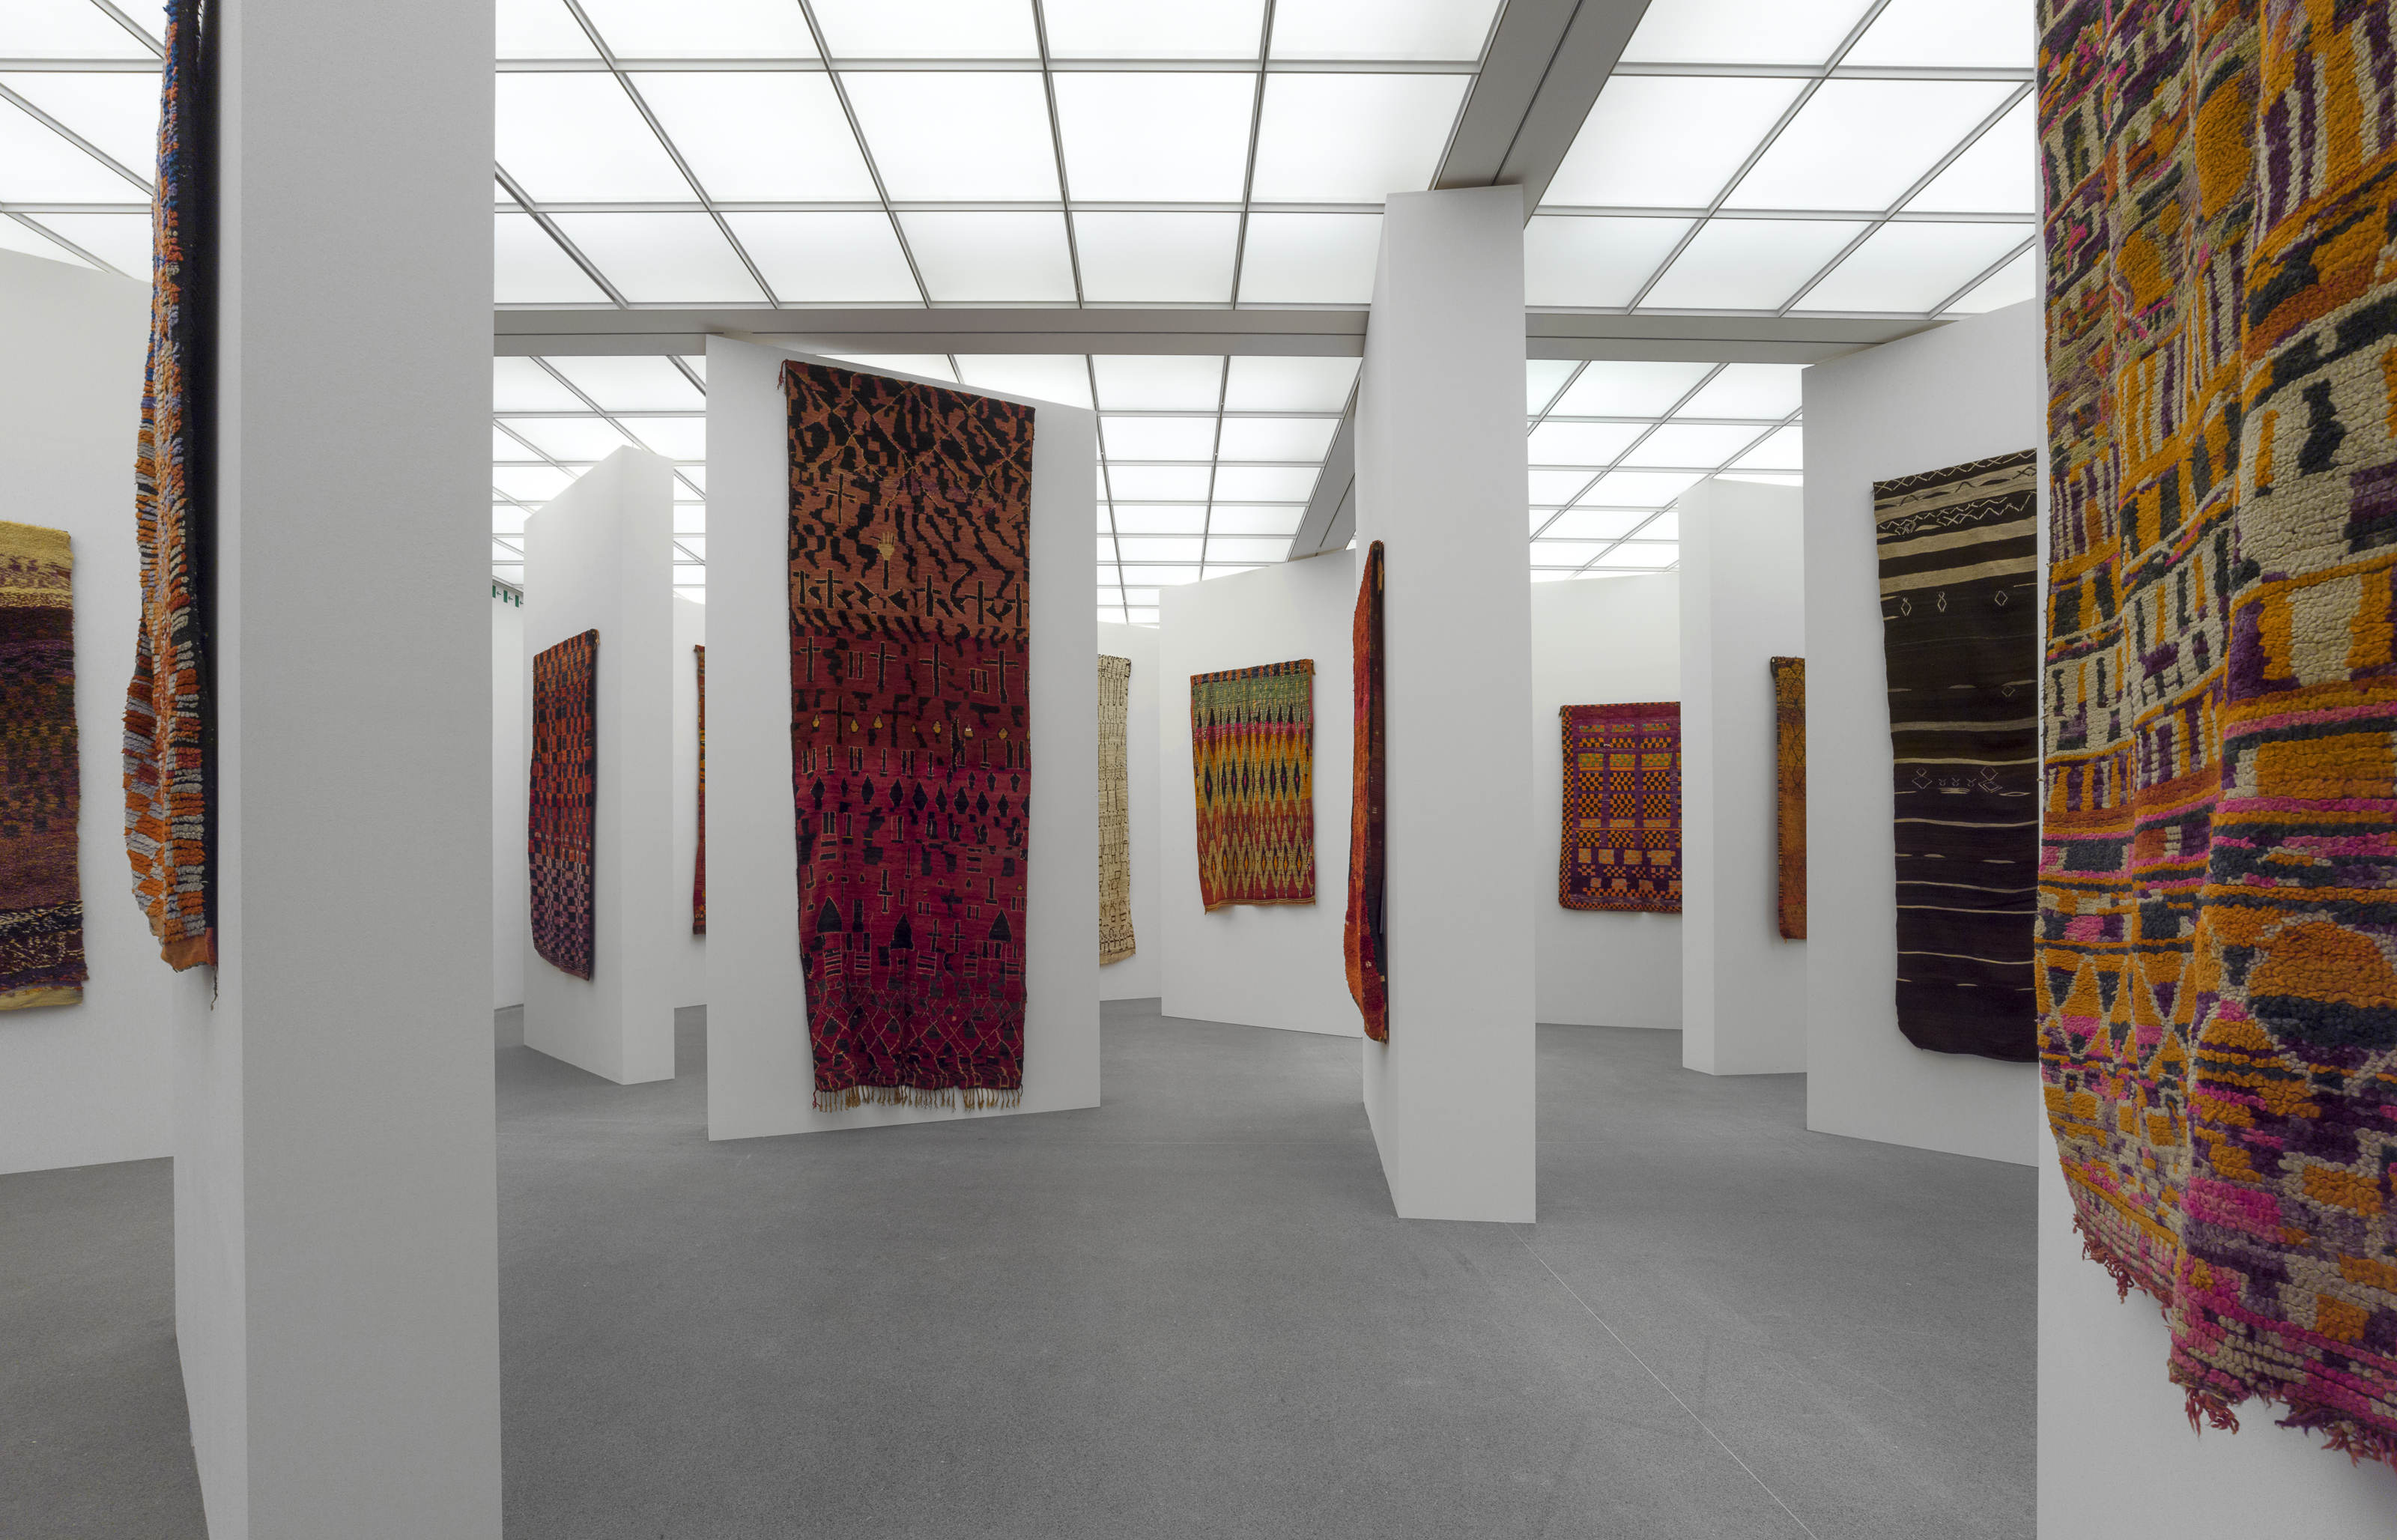 nomaden marokkanische teppiche und die kunst der moderne alte und moderne kunst. Black Bedroom Furniture Sets. Home Design Ideas